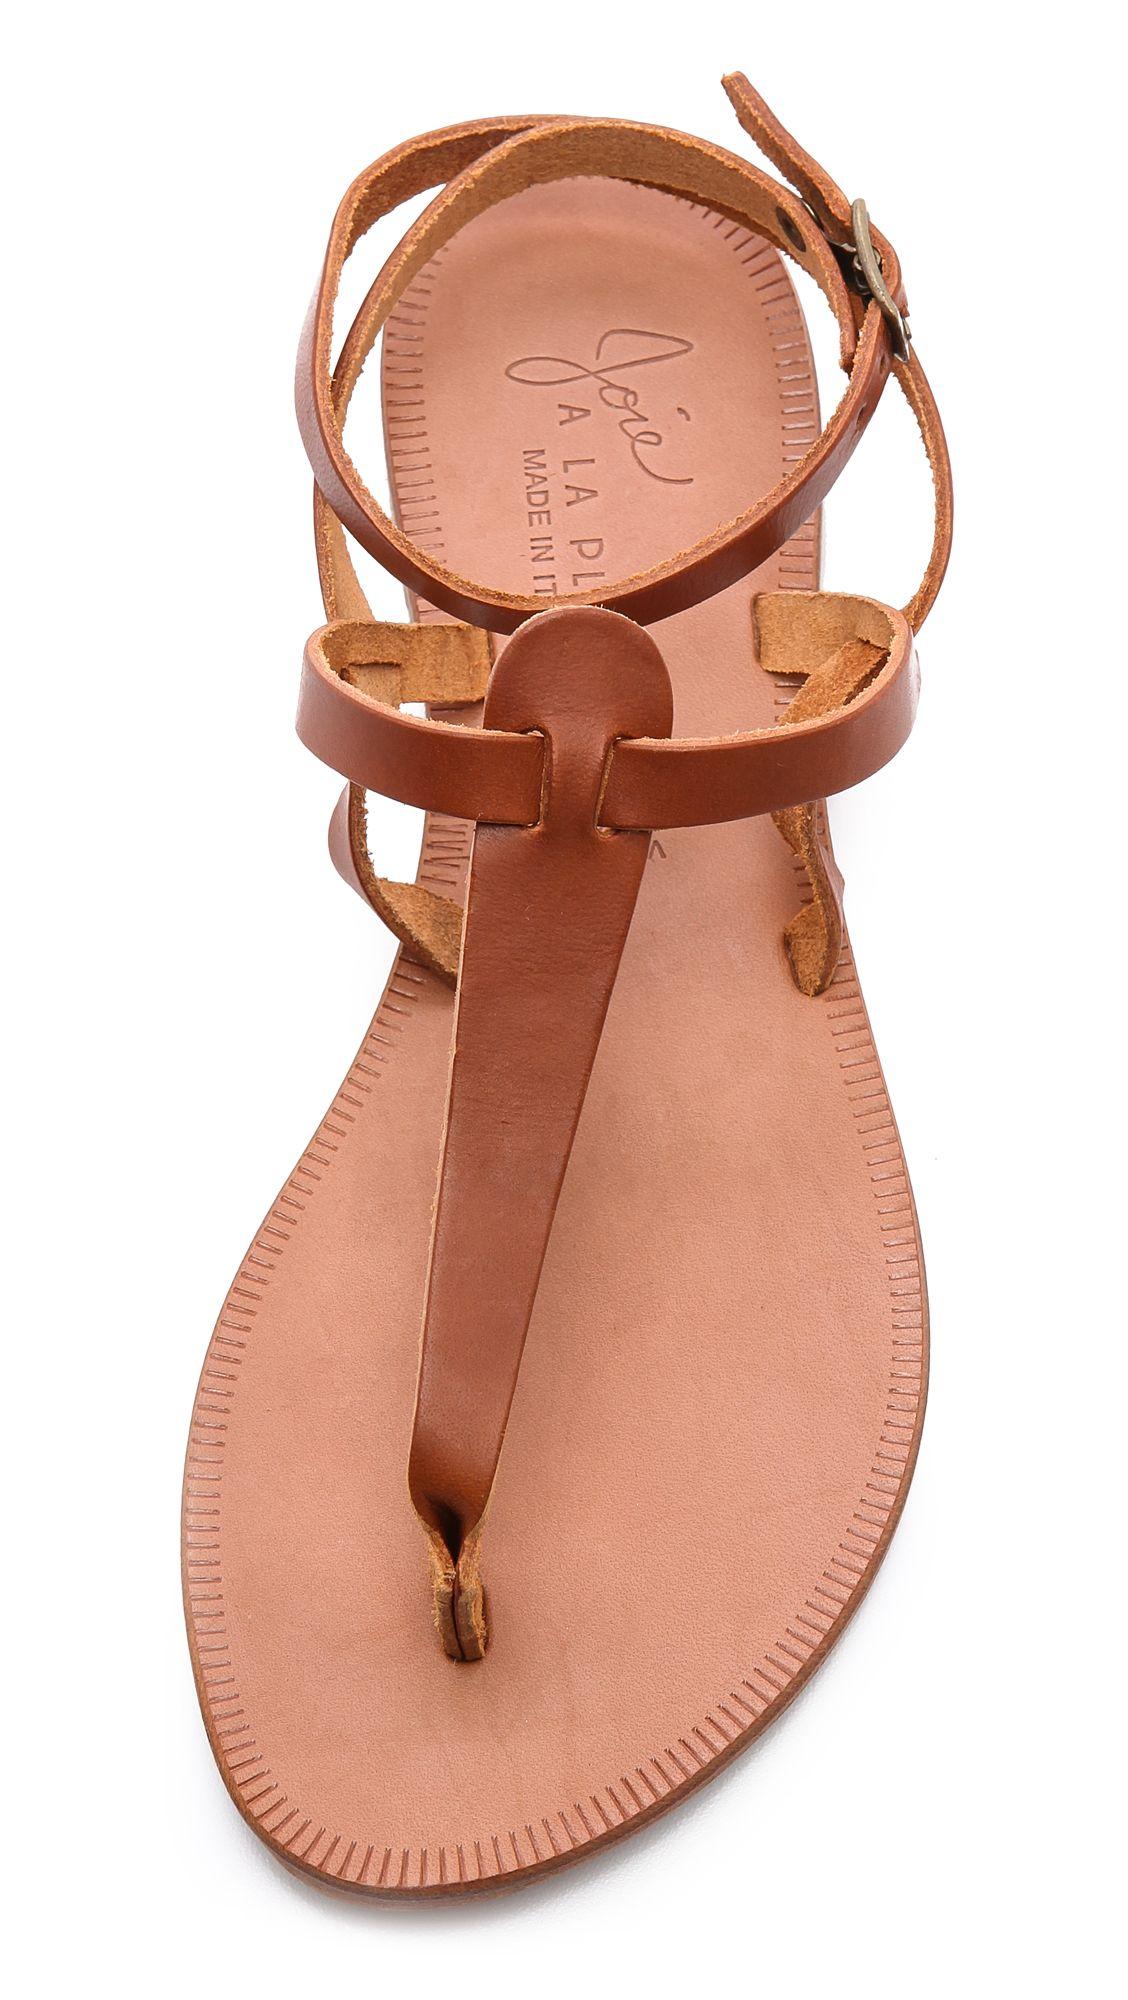 57868be65e1b Joie A La Plage Toulon Sandals - Cognac in Brown (Cognac) | Lyst ...